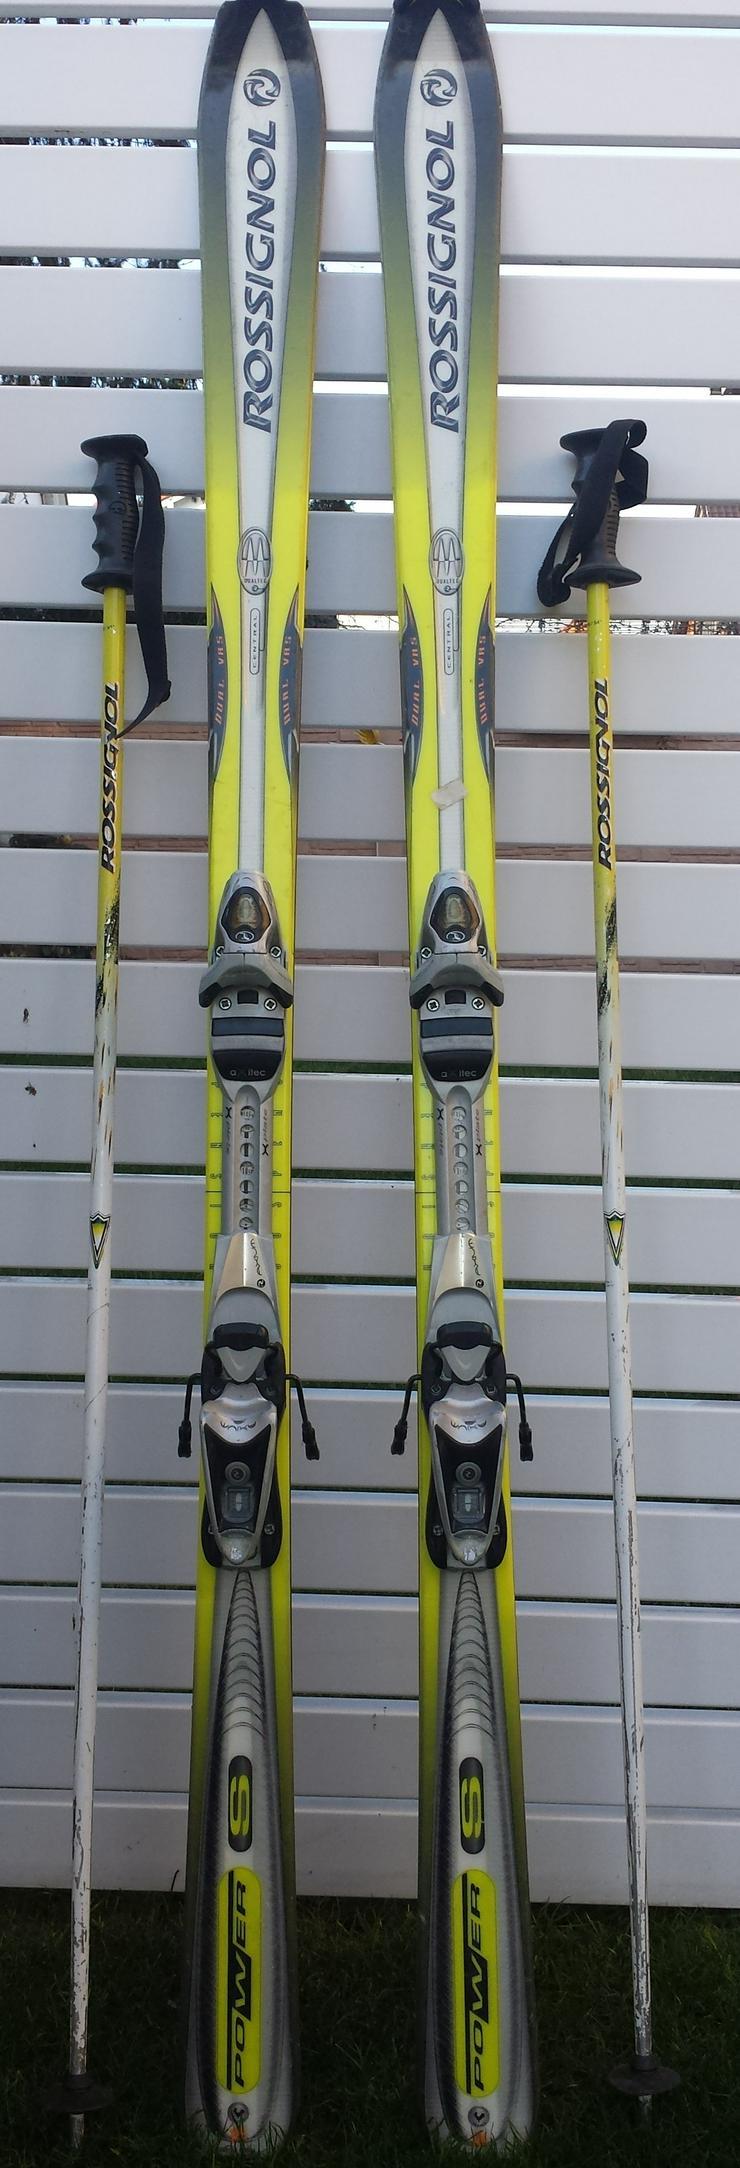 Ski, wintersport, Skistöcke - Ski & Skistöcke - Bild 1